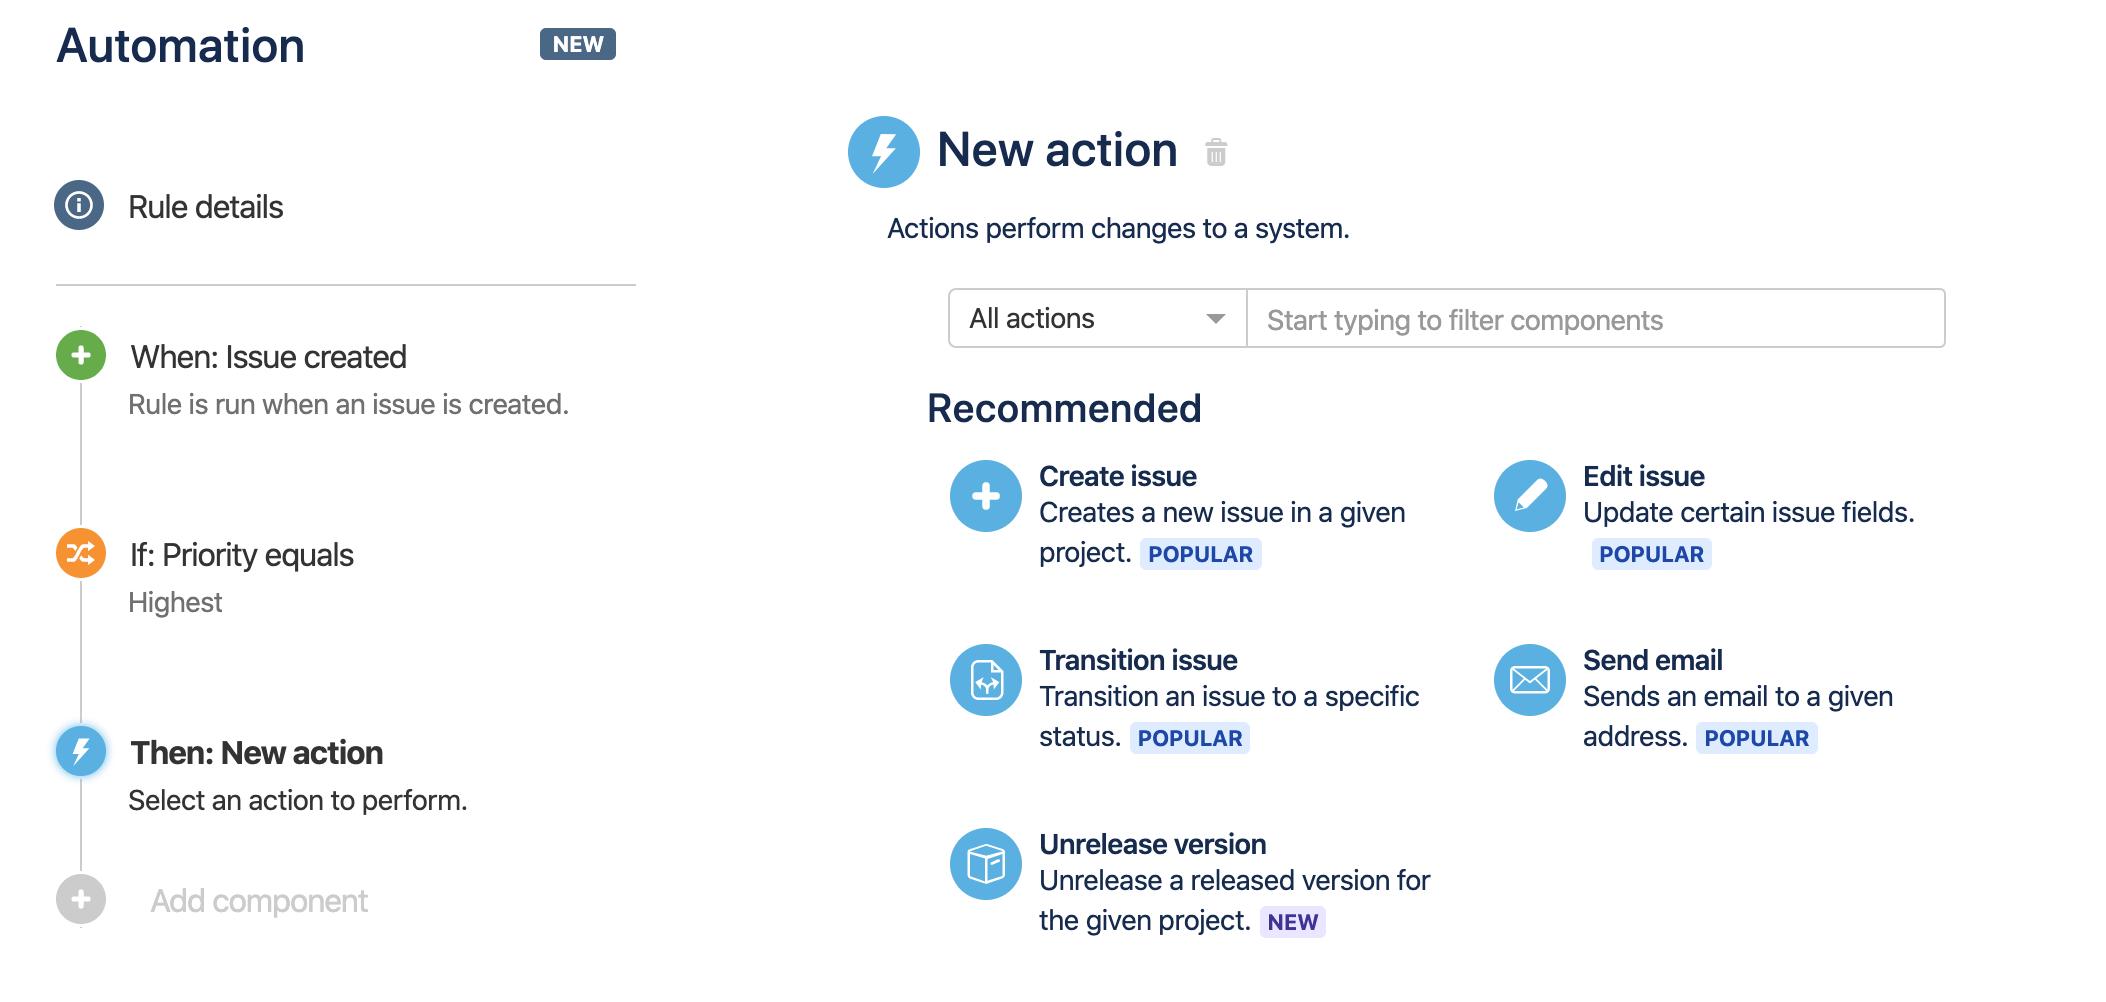 Liste der verfügbaren Aktionen zur Regelerstellung.